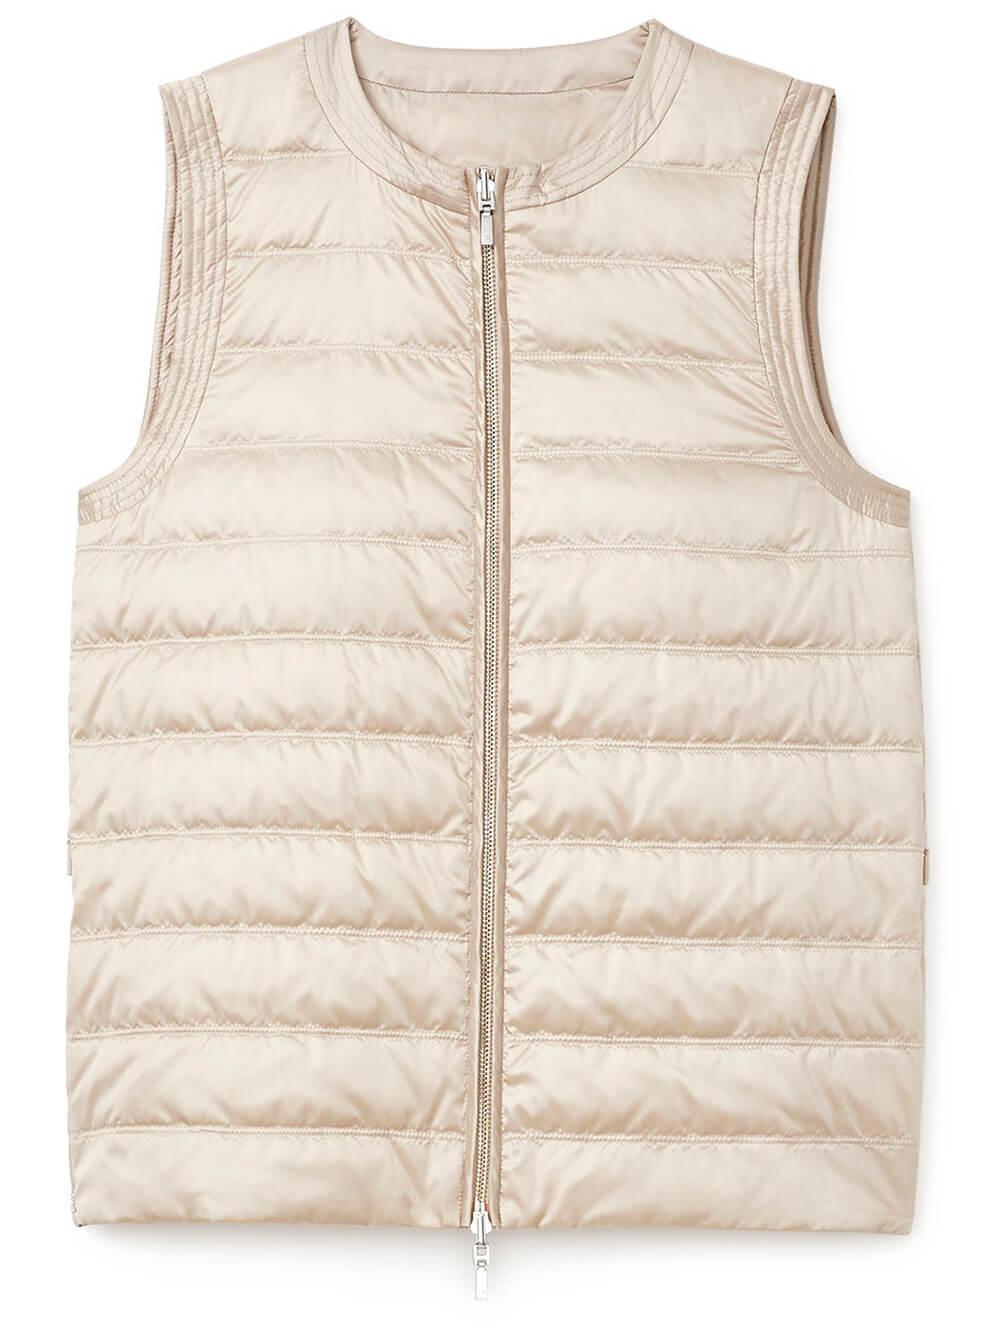 Reversible Conlon Vest Item # MV457R-1H90